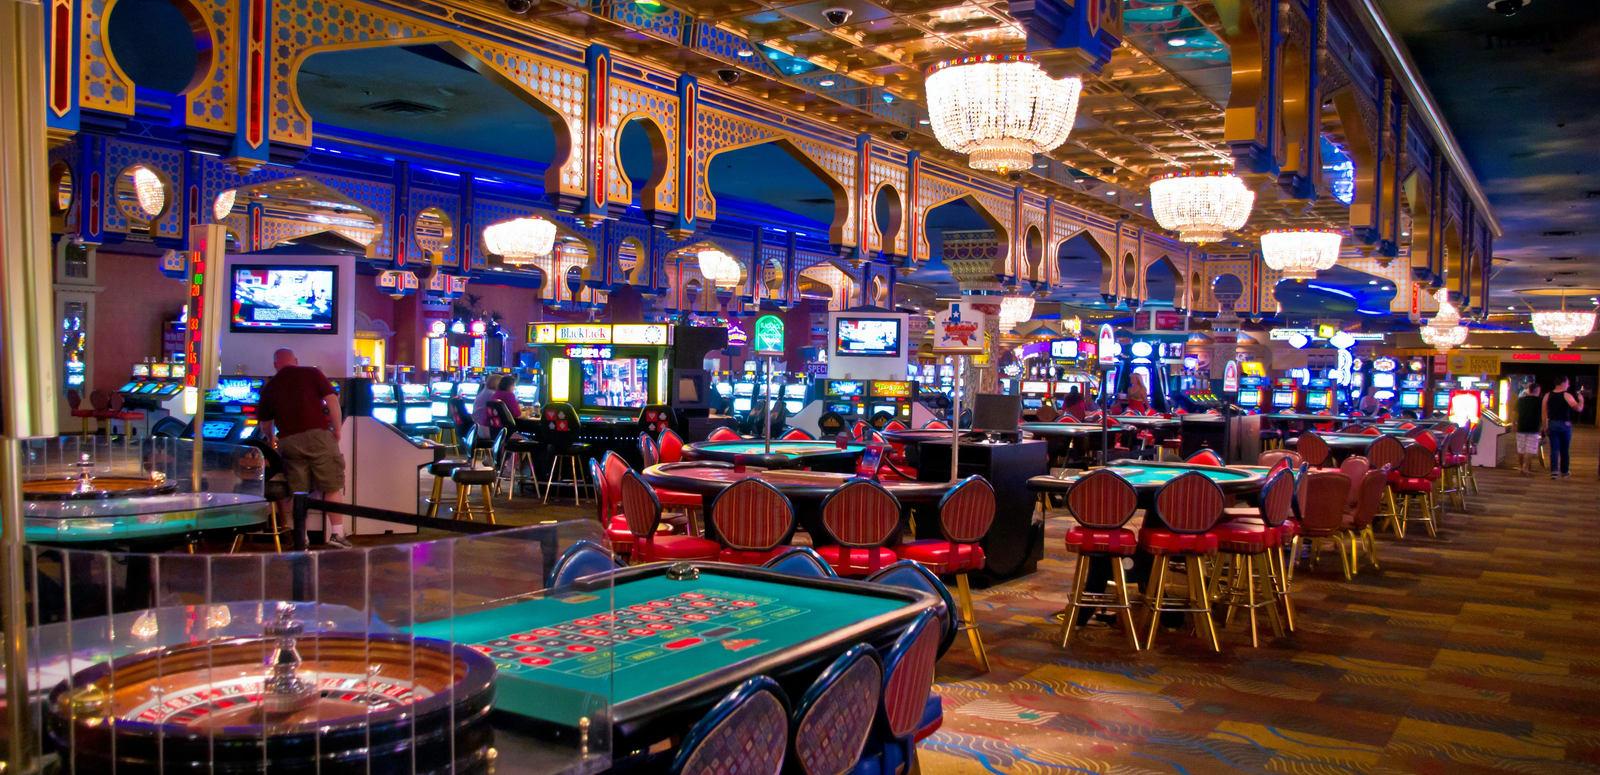 Milwaukee gambling